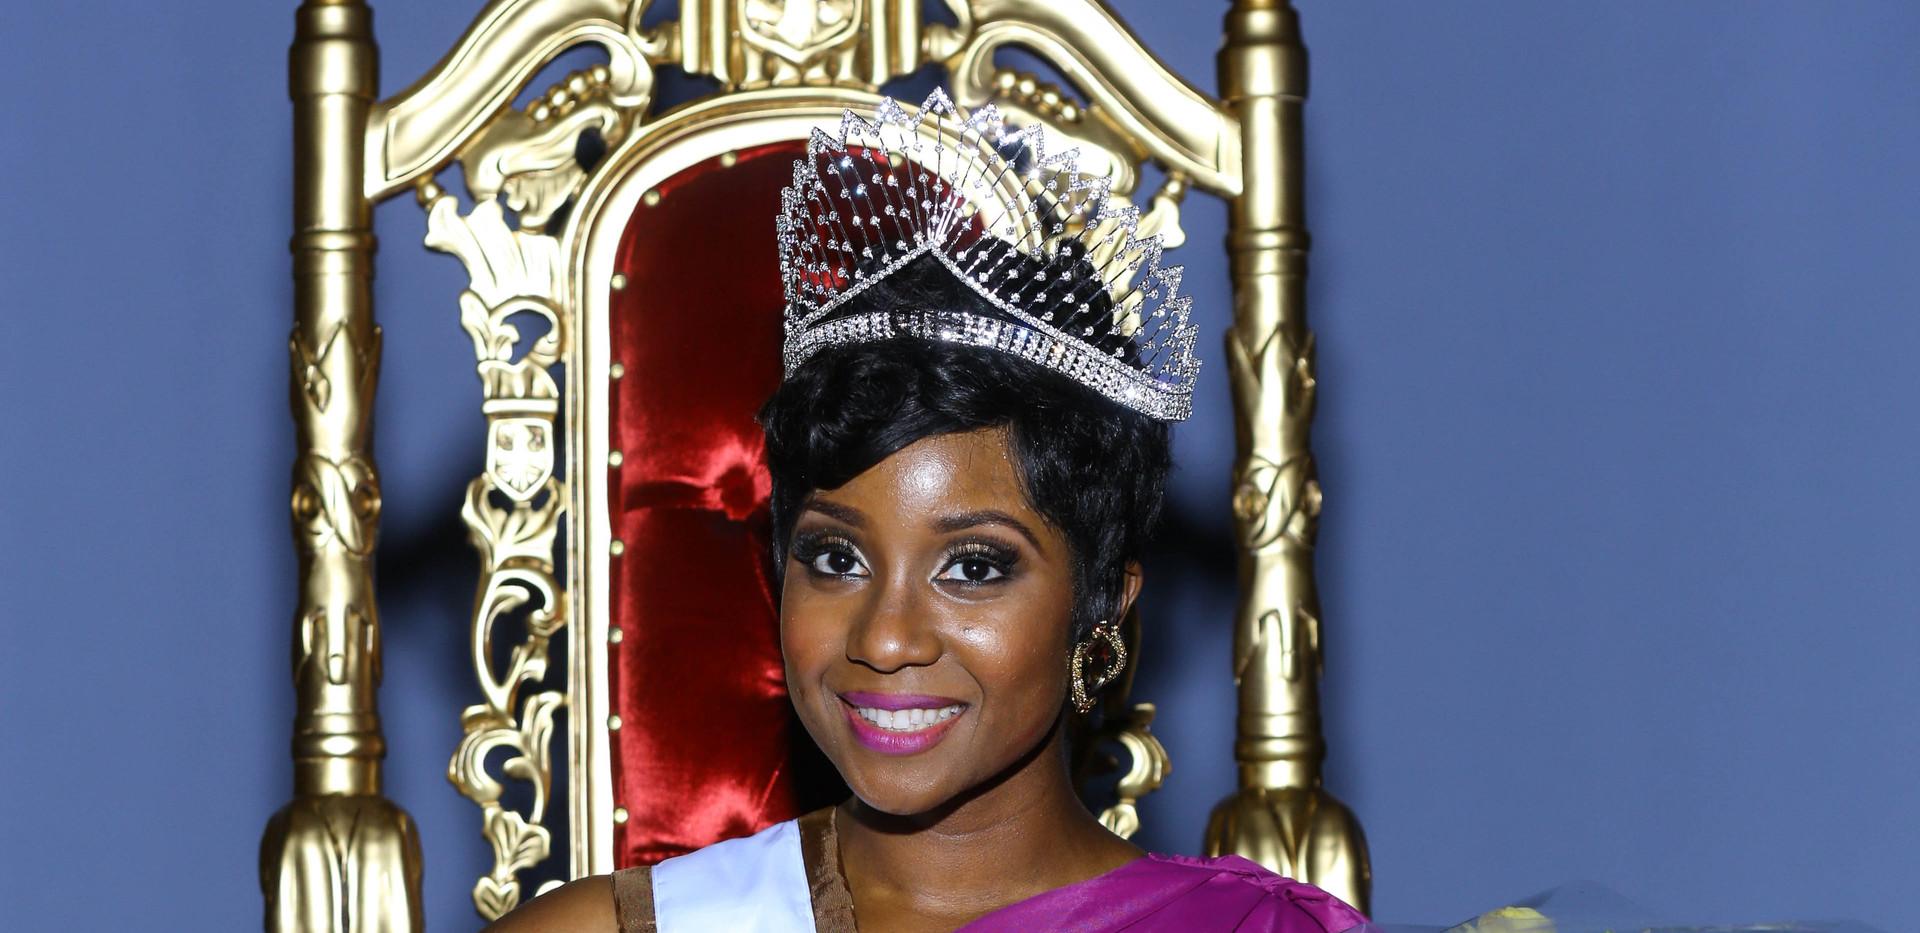 Frances Udukwu, Miss Nigeria USA 2014